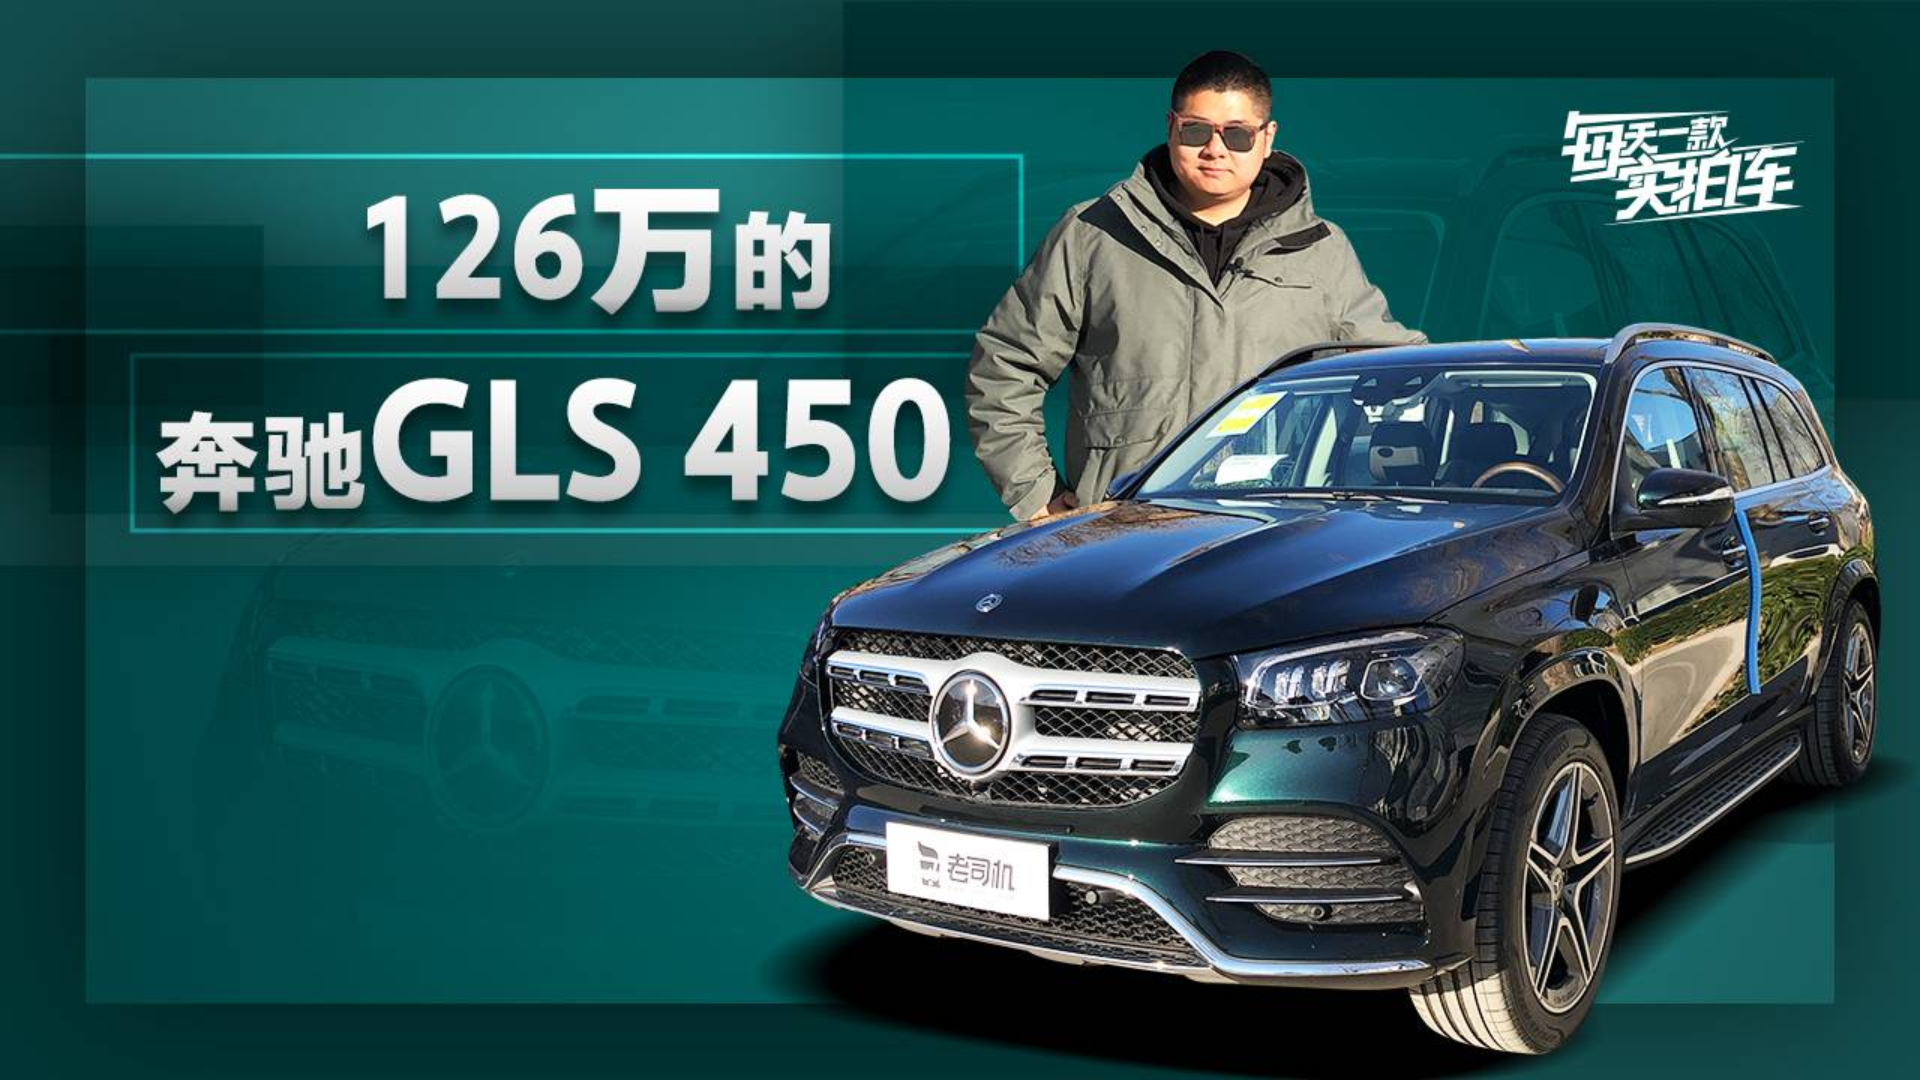 实拍车:奢华配置尺寸再升级 全新一代奔驰GLS静态体验